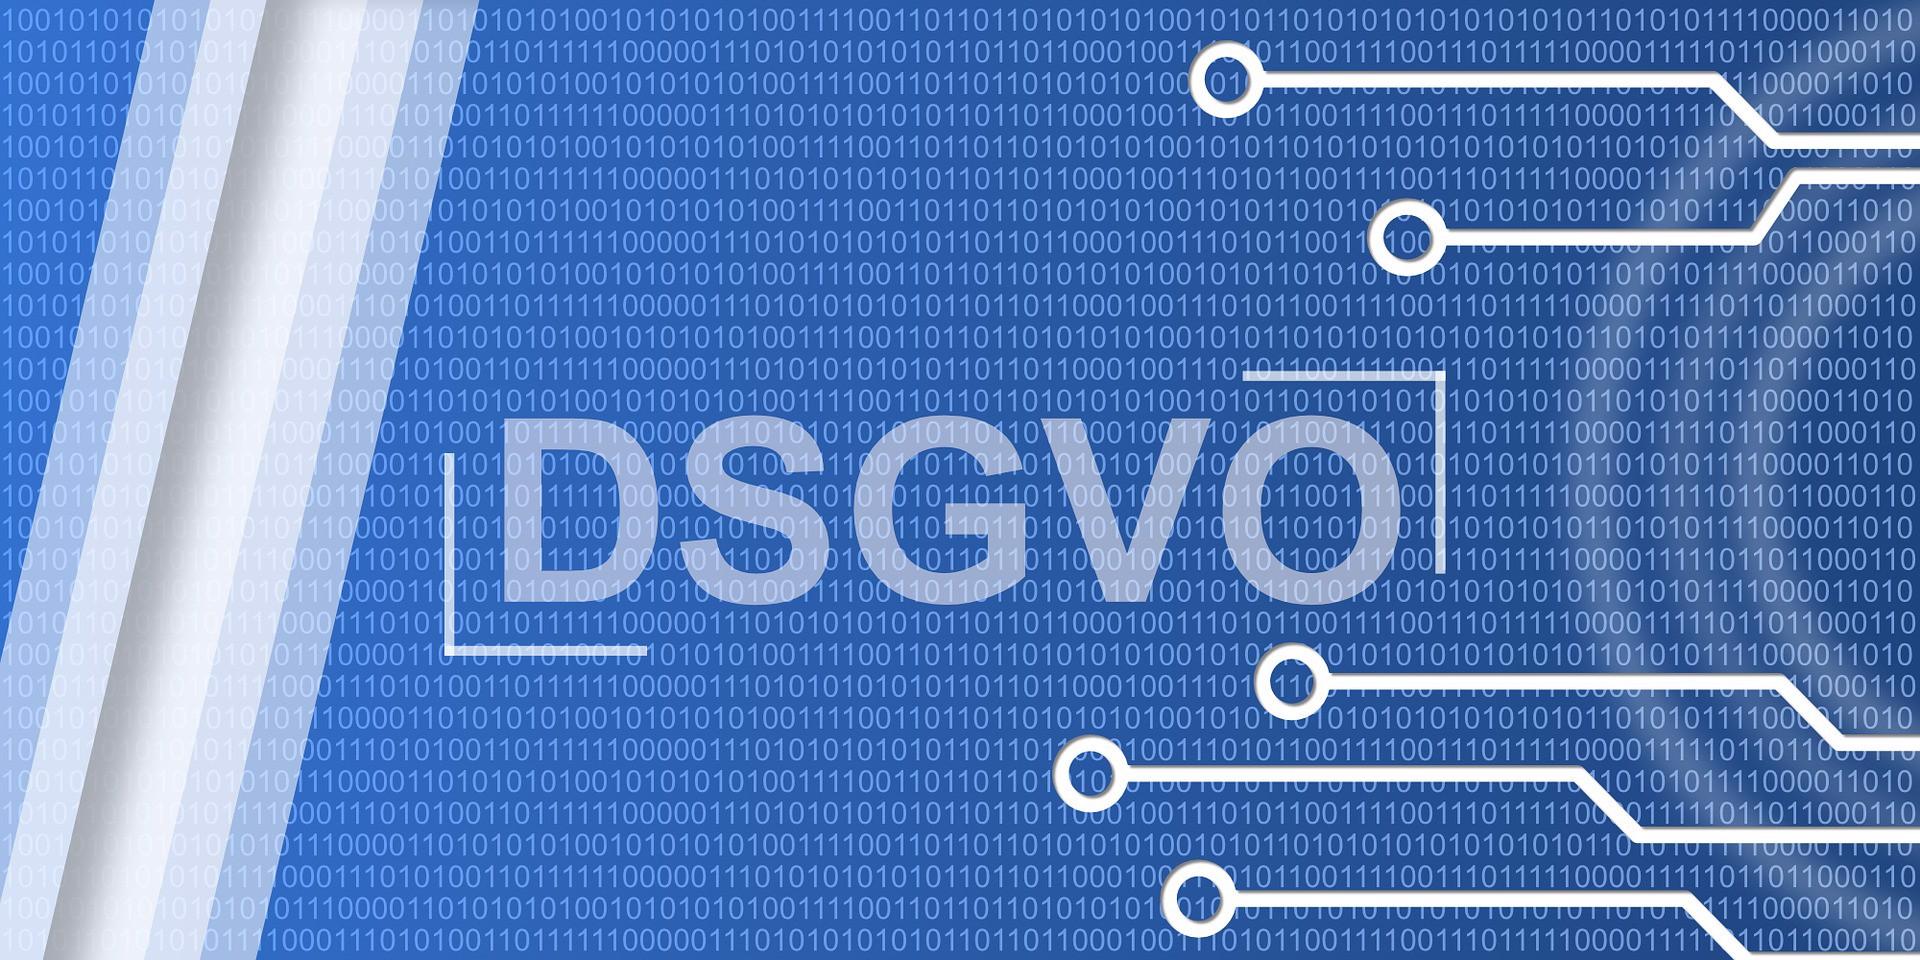 Datensammlung: Microsoft verstösst gegen die DSGVO